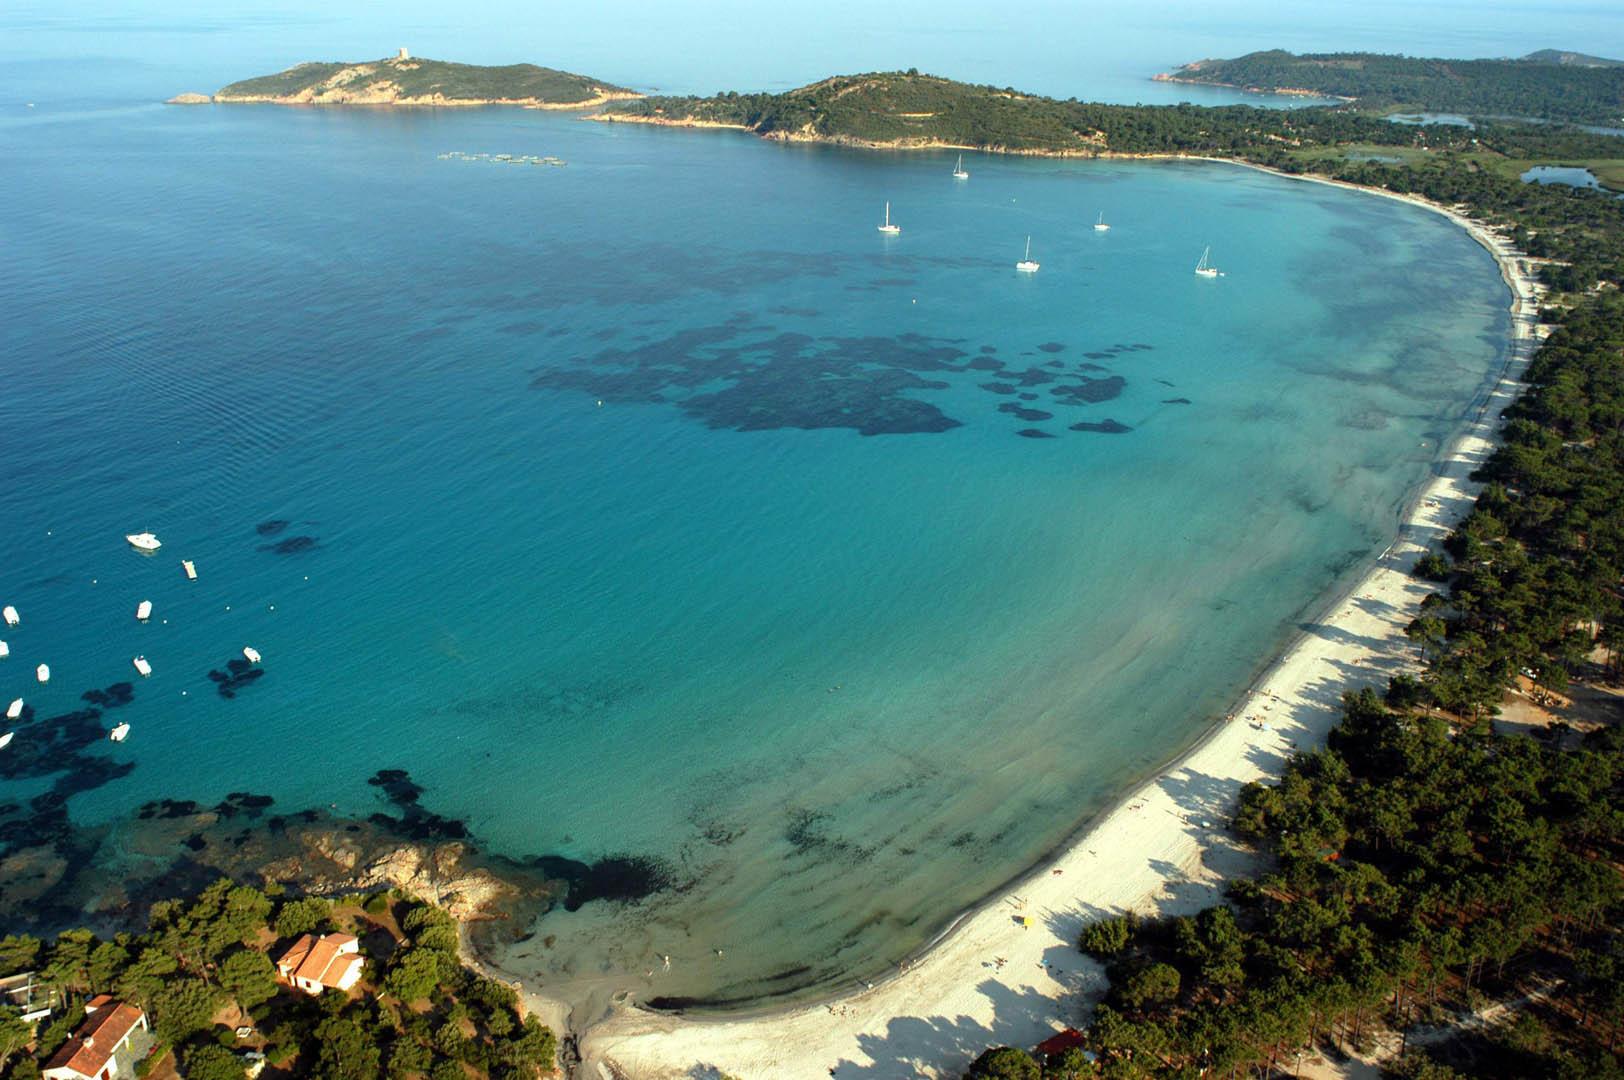 Pinarello terre de loisirs office de tourisme de zonza - Office tourisme sainte lucie de porto vecchio ...